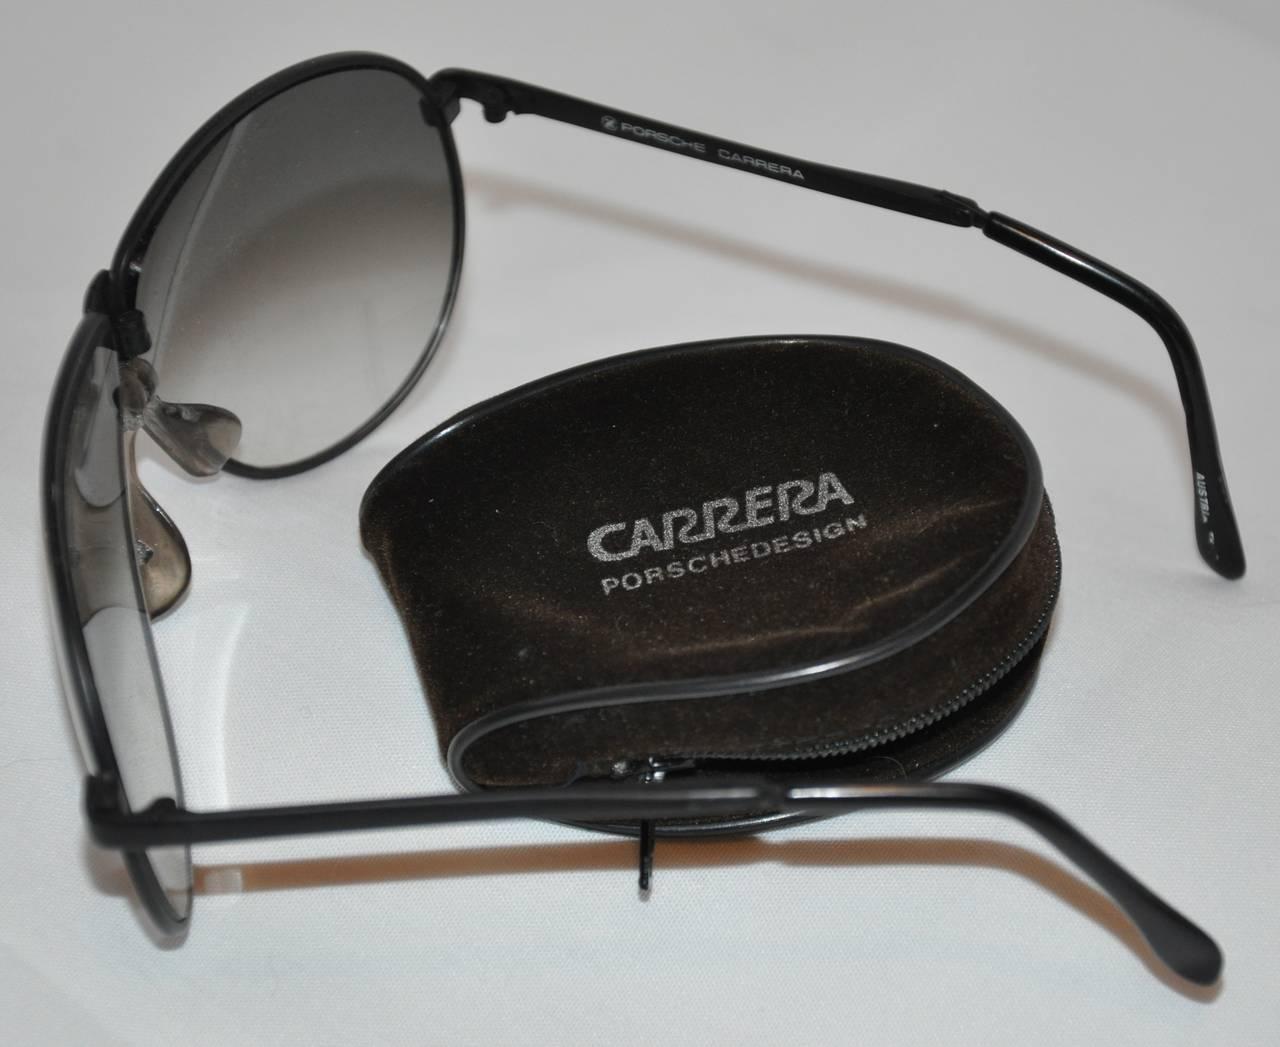 c1eba5b7083 Porsche Carrera Black Hardware Folding Sunglasses In Good Condition For  Sale In New York